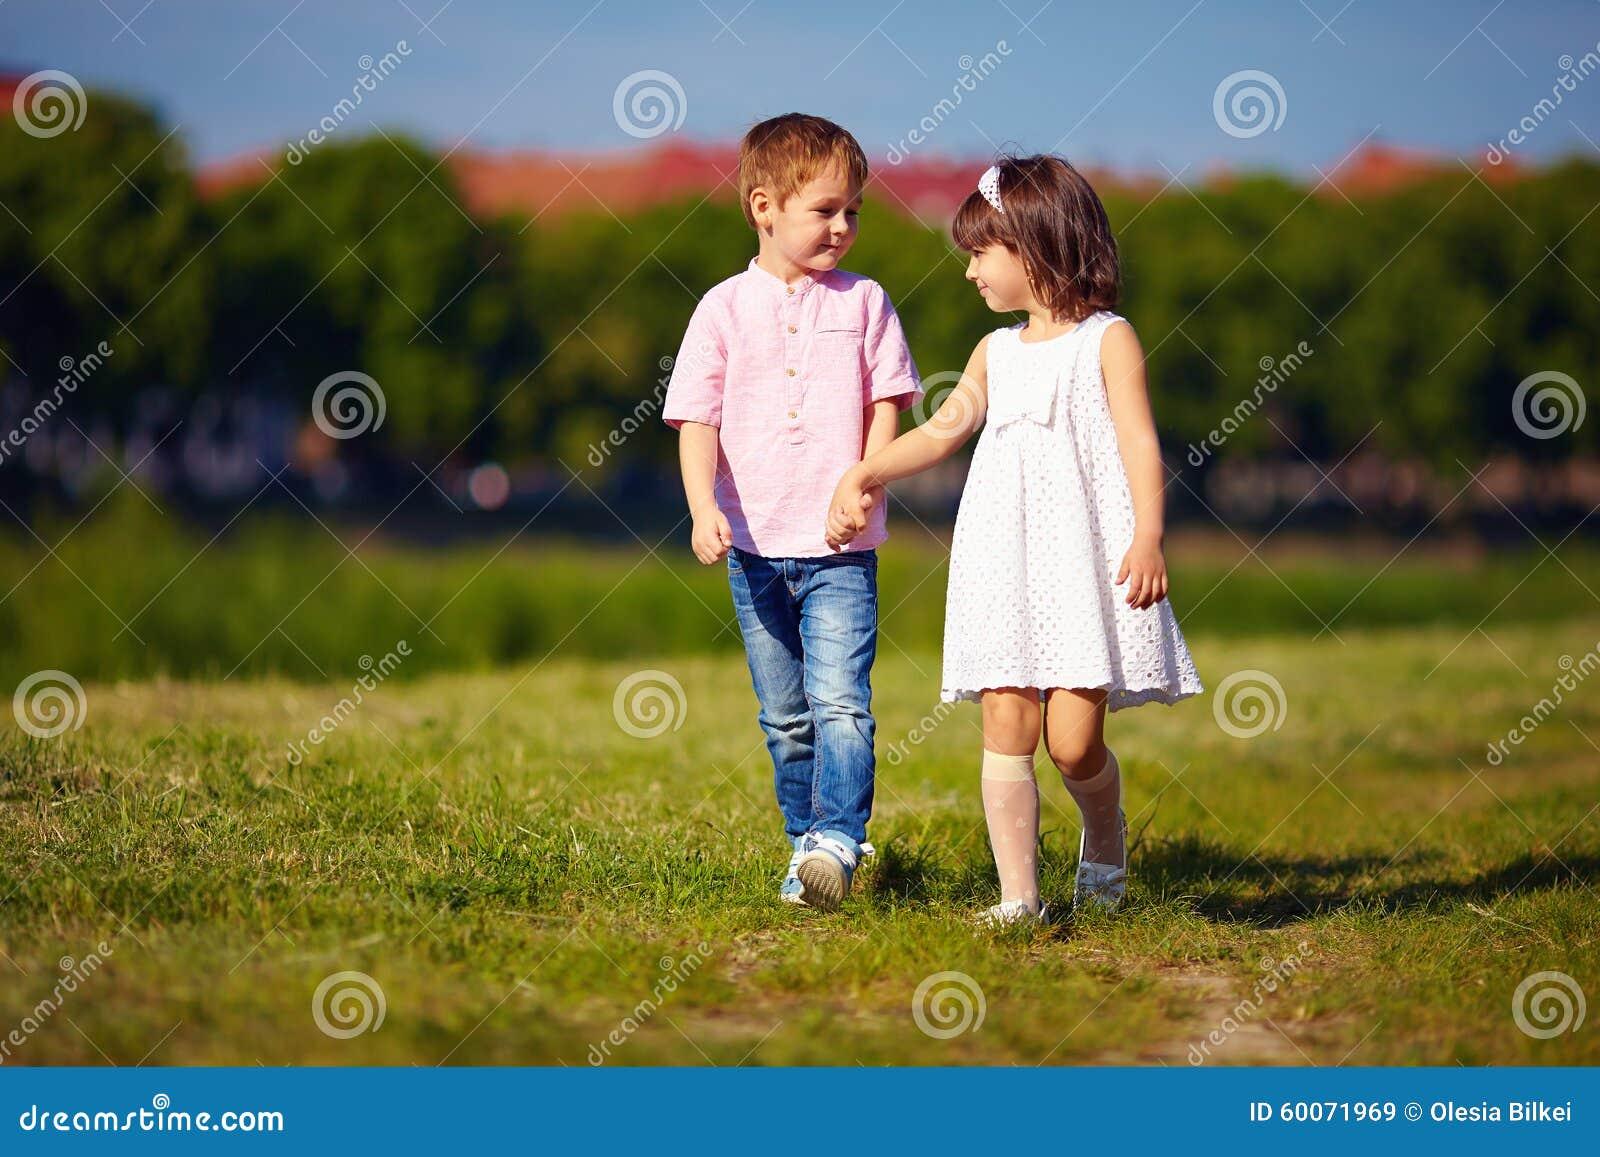 Cute Kids, Couple Walking On Summer Field Stock Photo ...